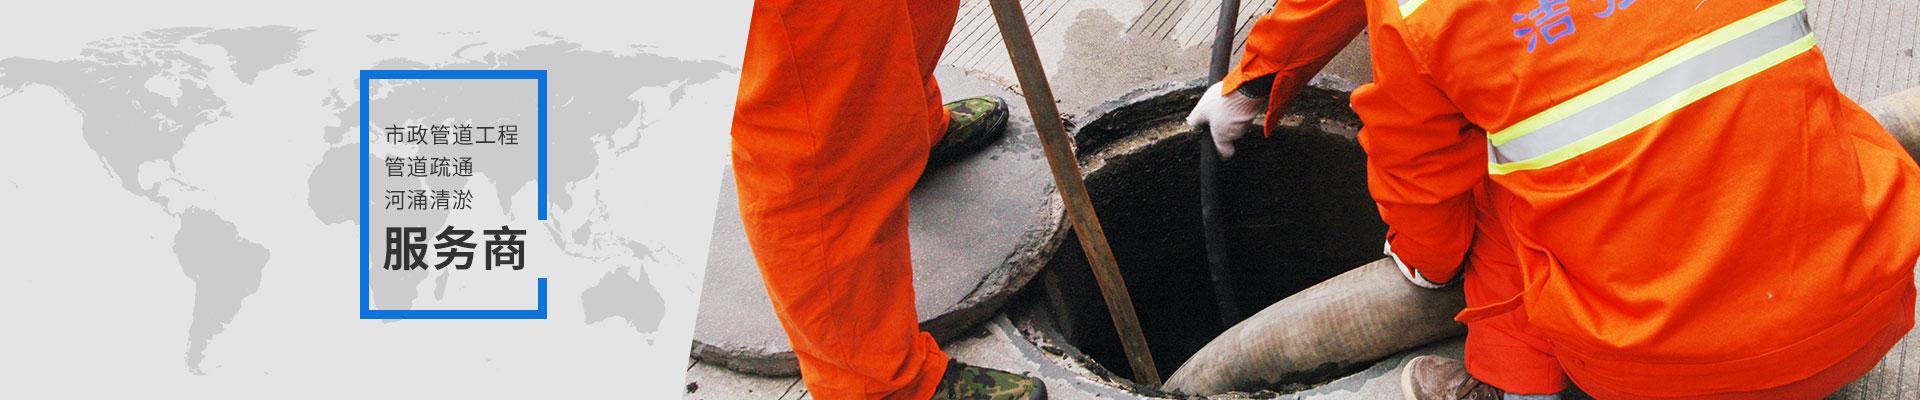 市政管道工程、管道疏通、河涌清淤专业服务商-洁强市政